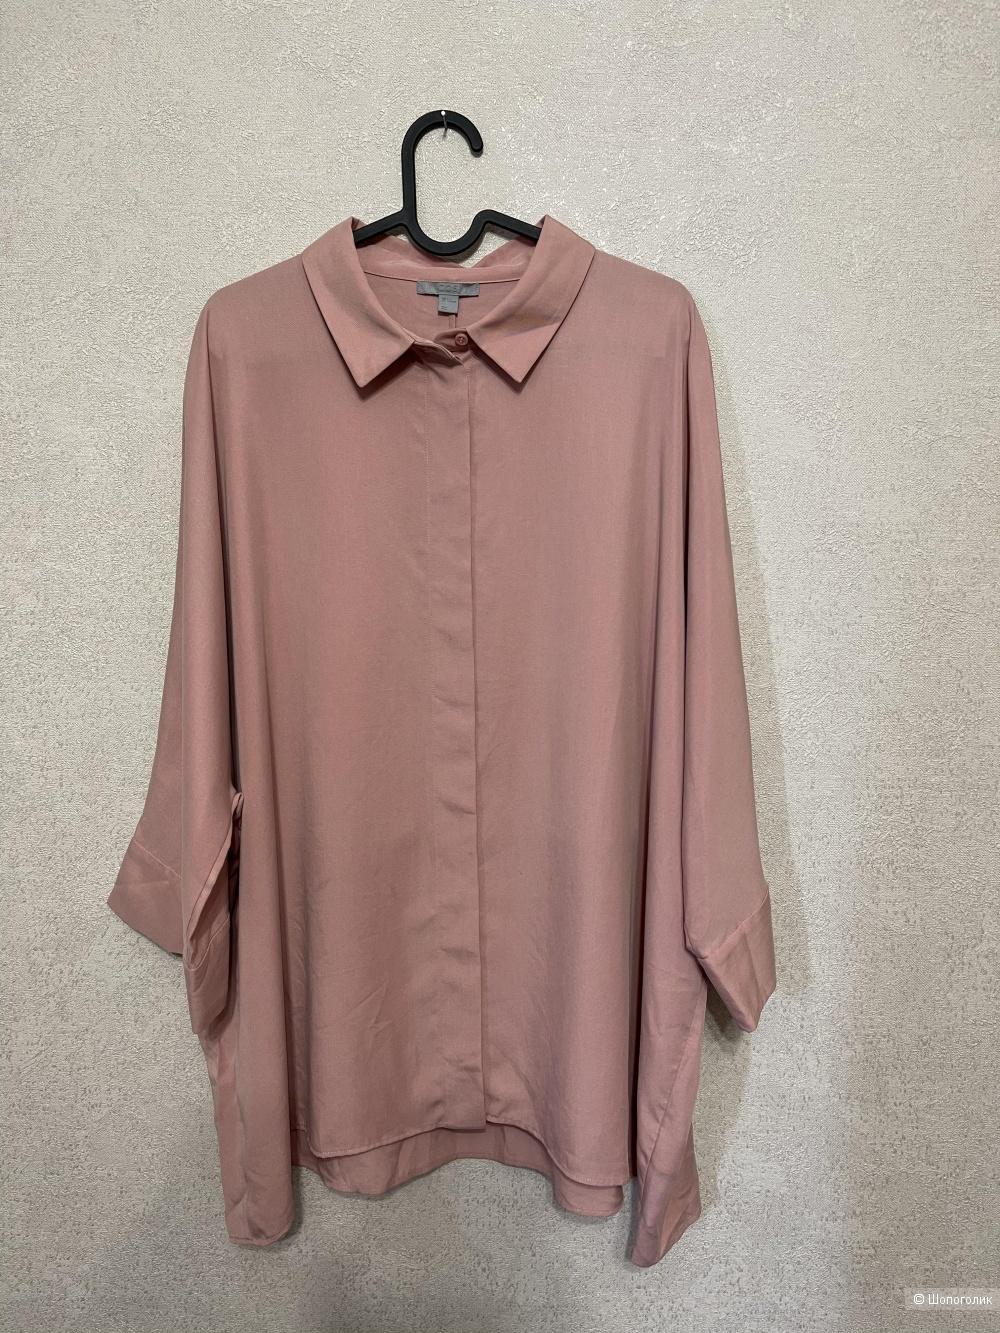 Рубашка Cos размер L